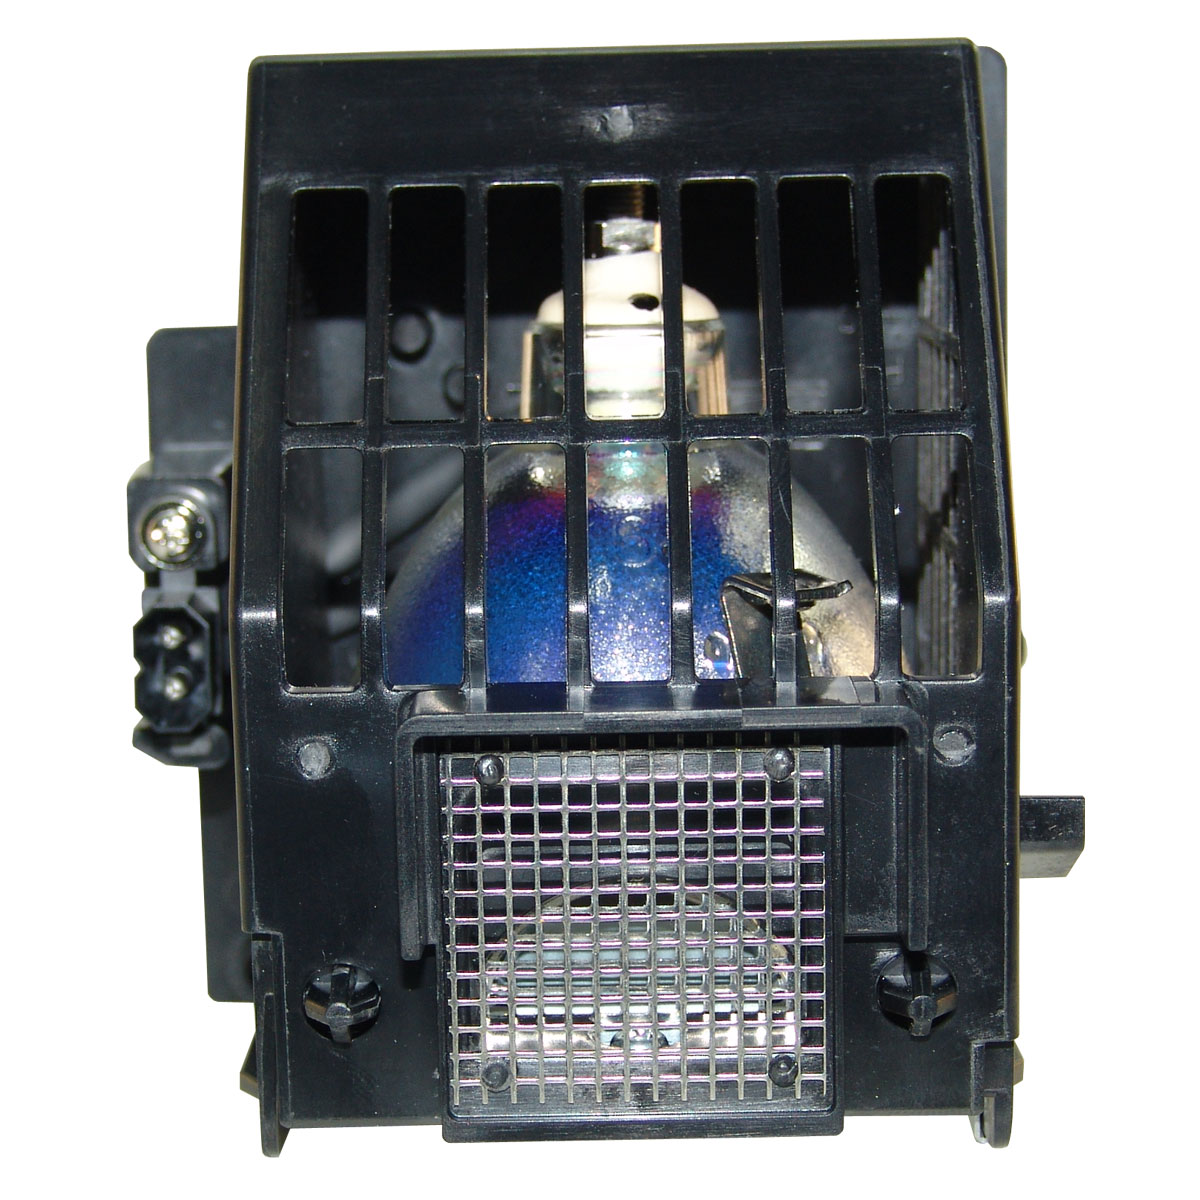 Mitsubishi 915B441001 / 915B441A01 DLP TV Lamp Bulb